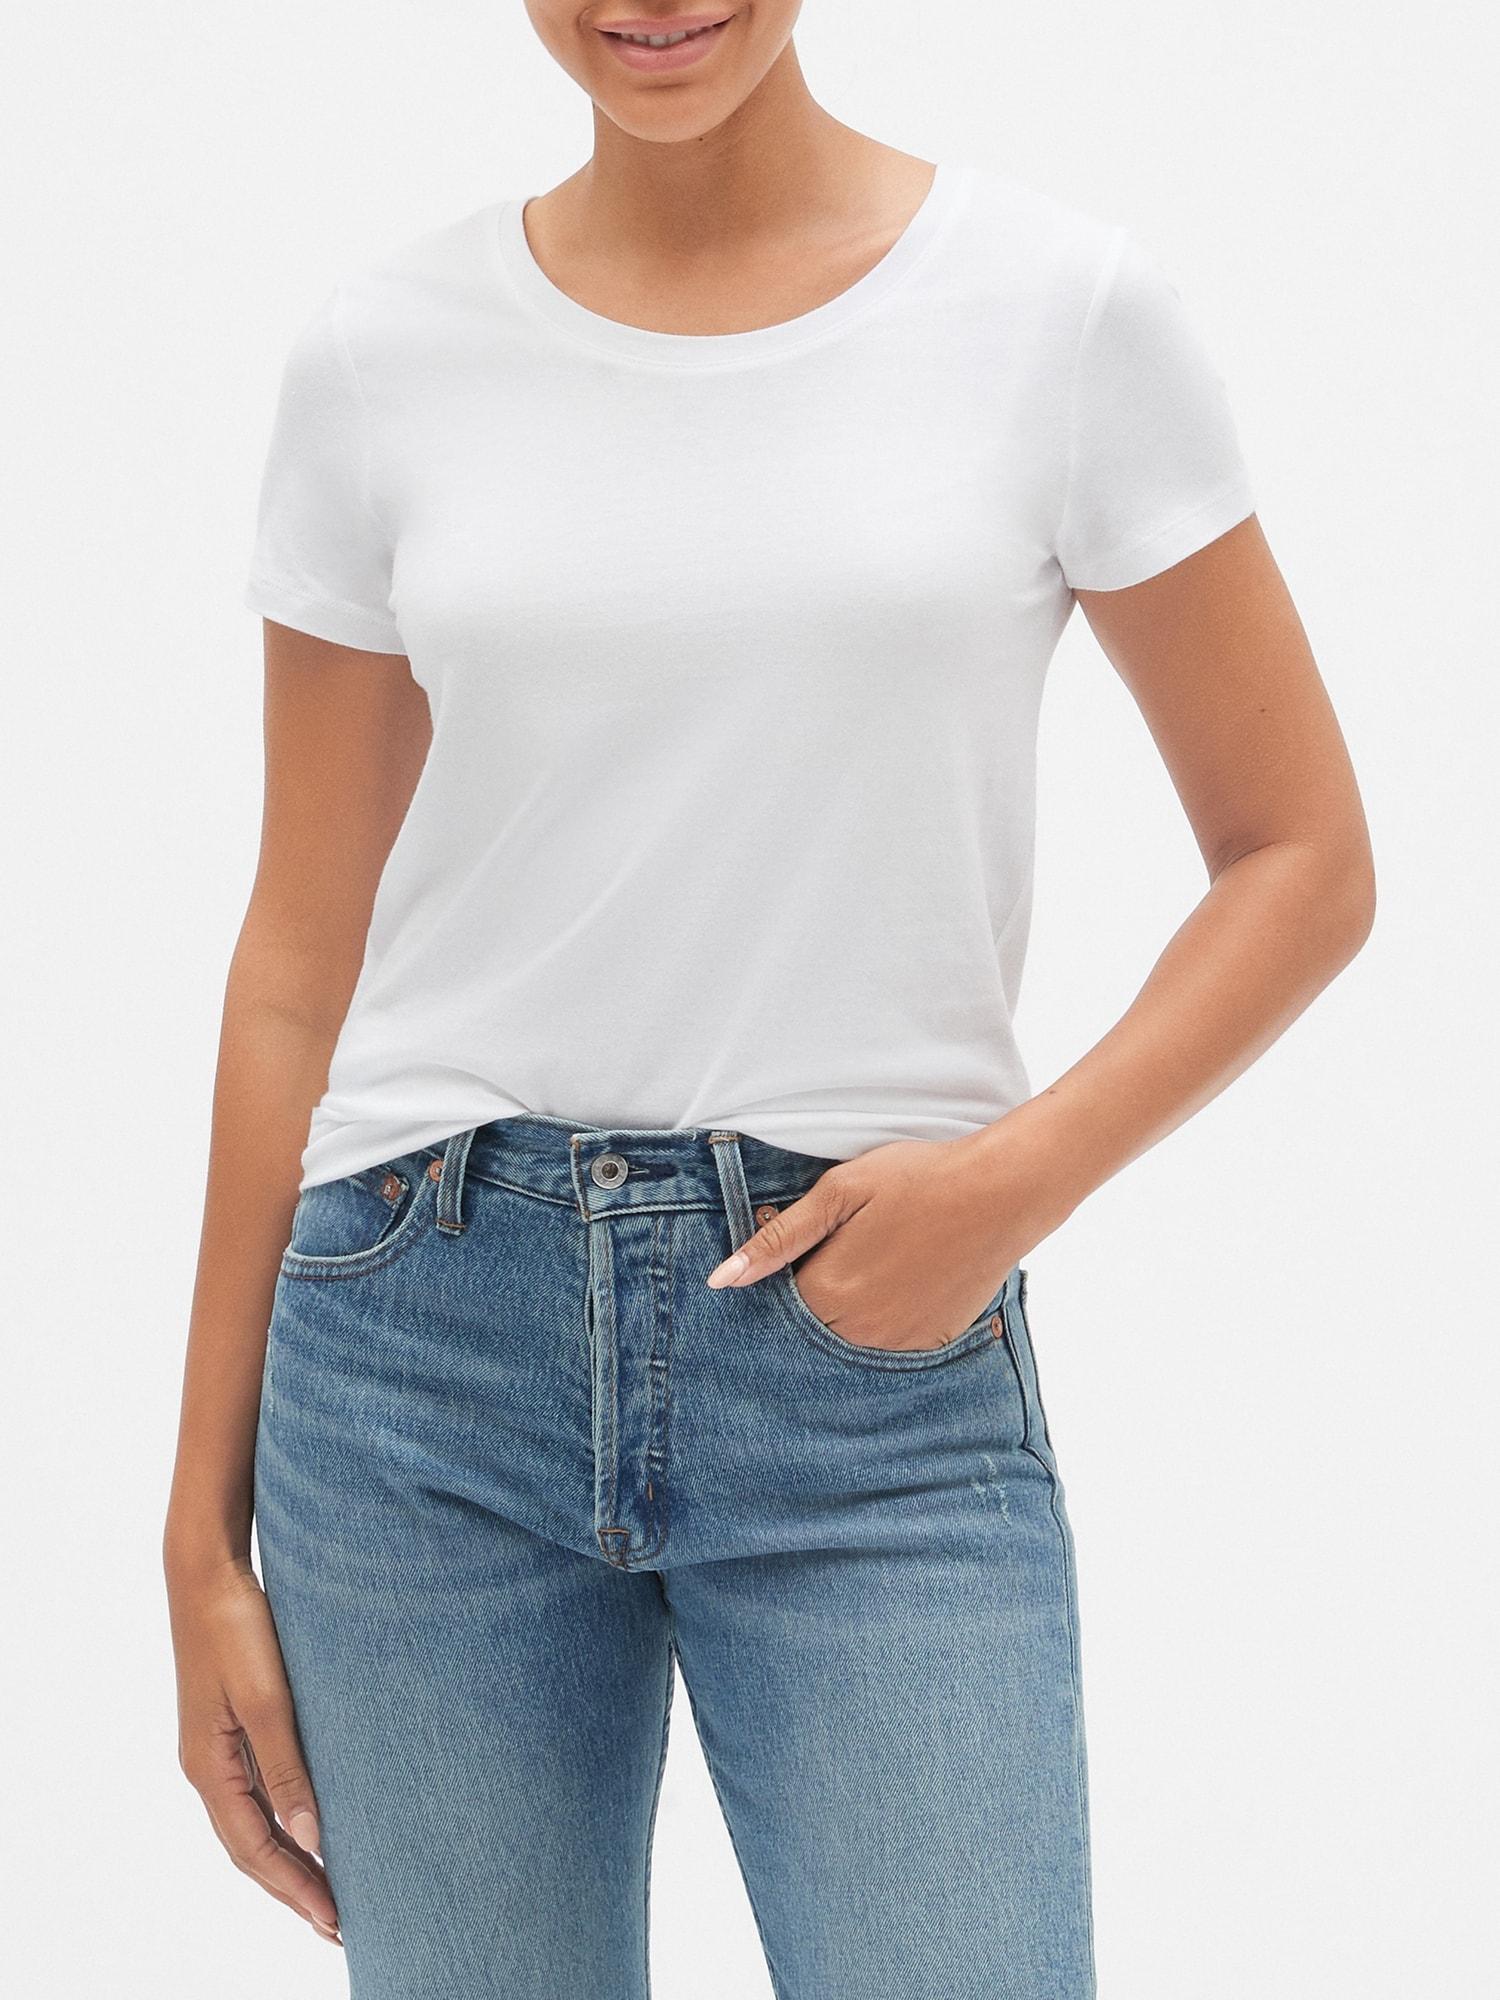 GAP bianco maglietta